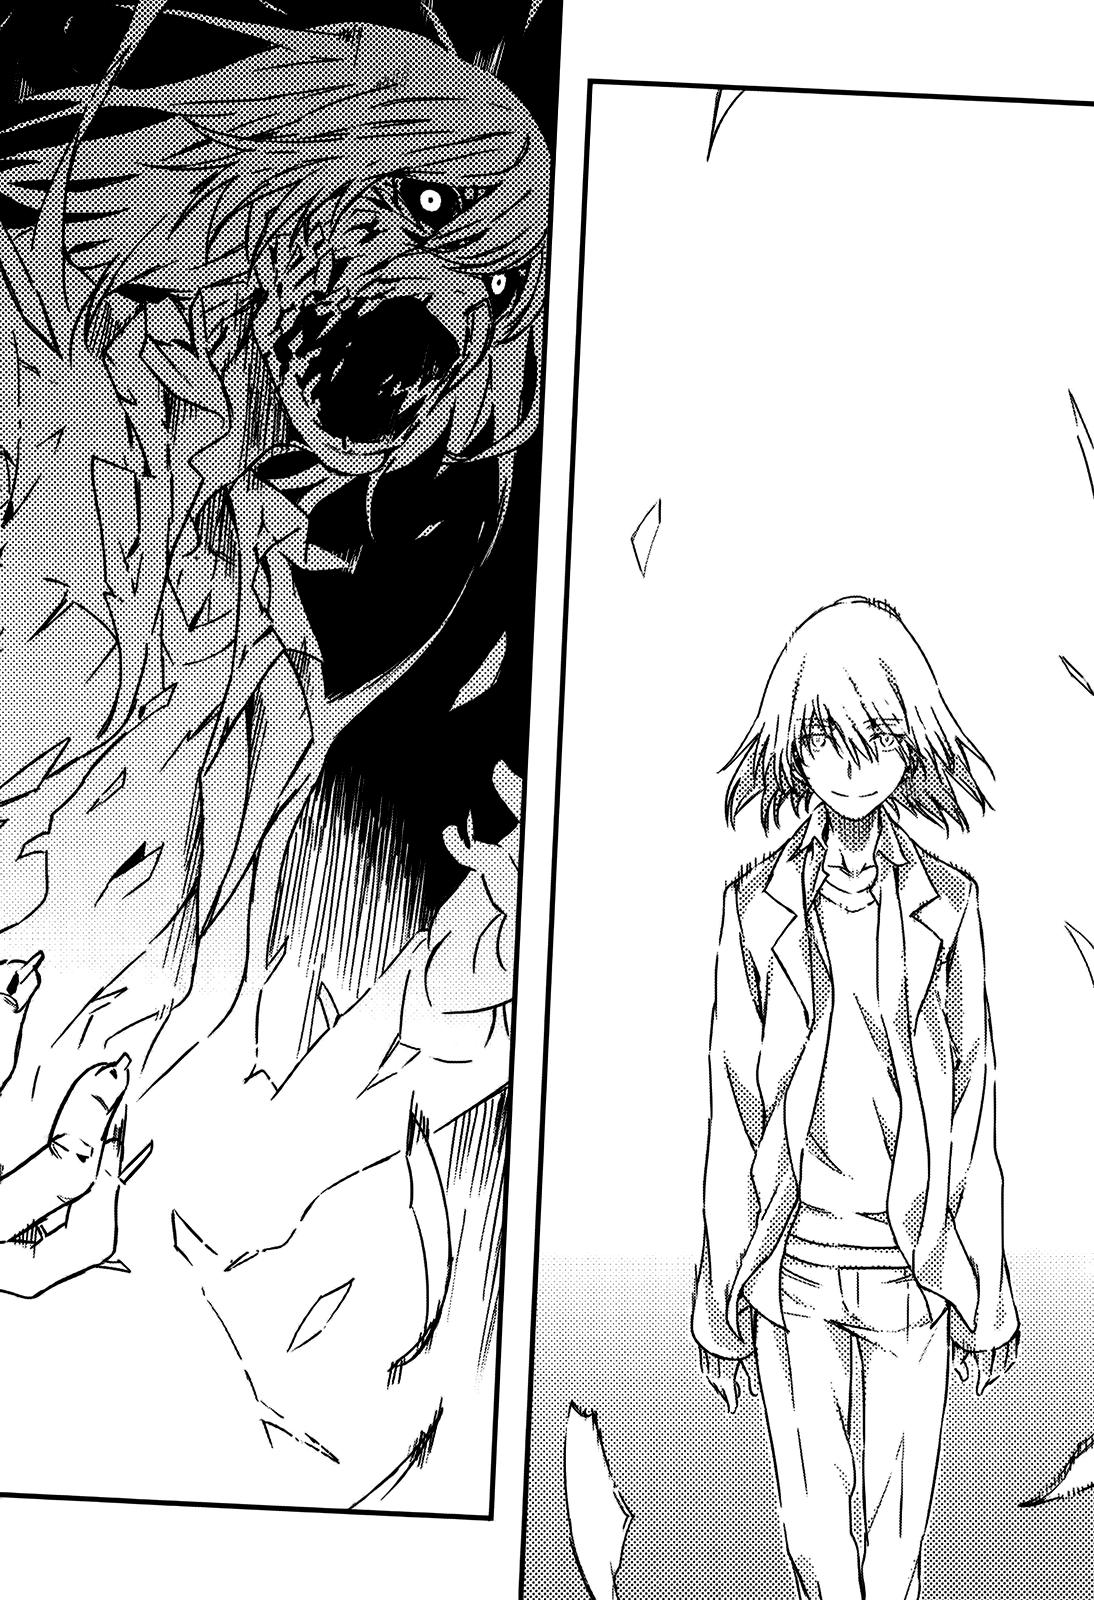 imagenes de algunos mangas (algunas son +18) Latest?cb=20140515104416